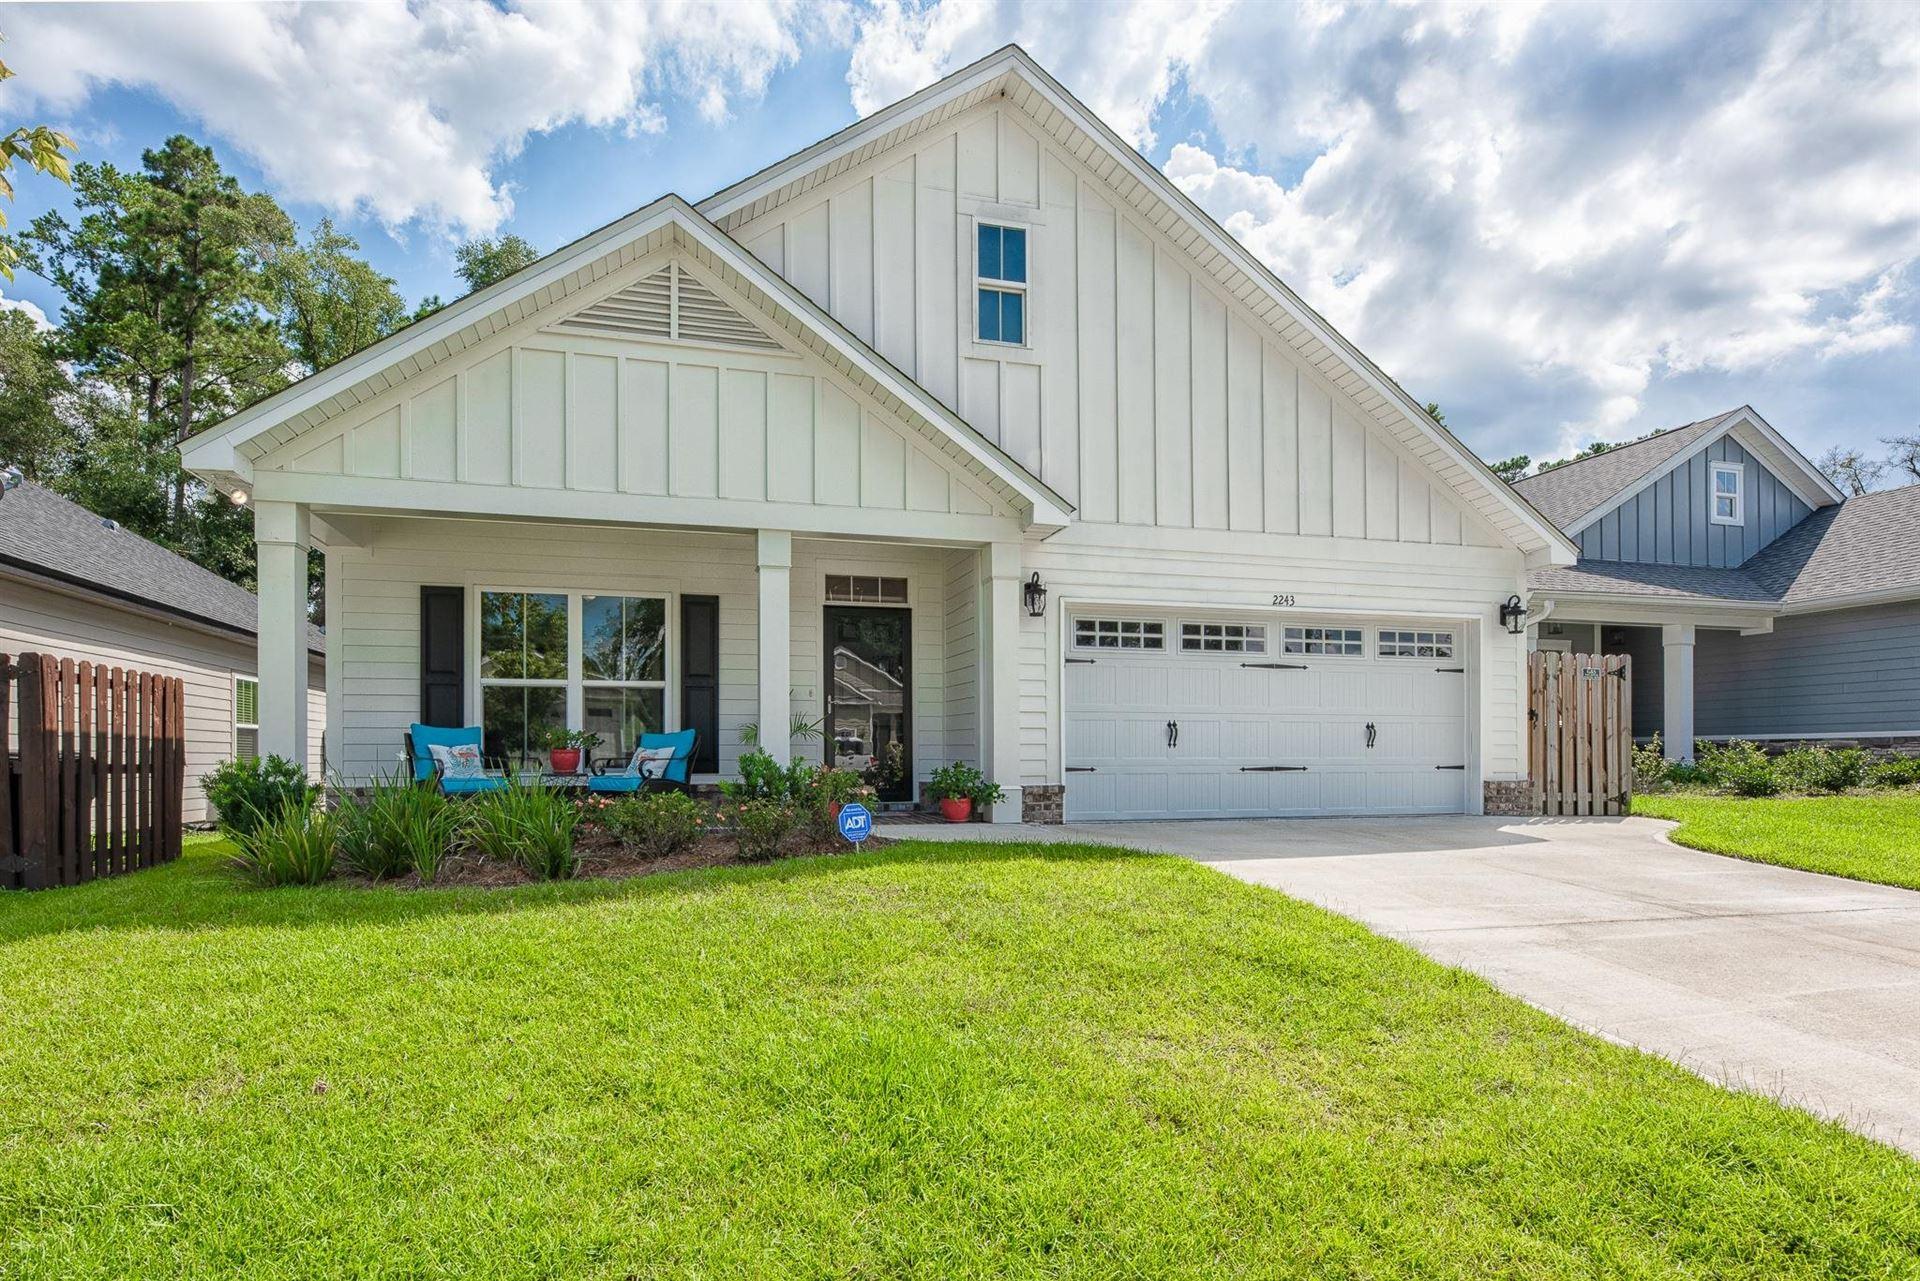 2243 Wabash Trail, Tallahassee, FL 32303 - MLS#: 336942